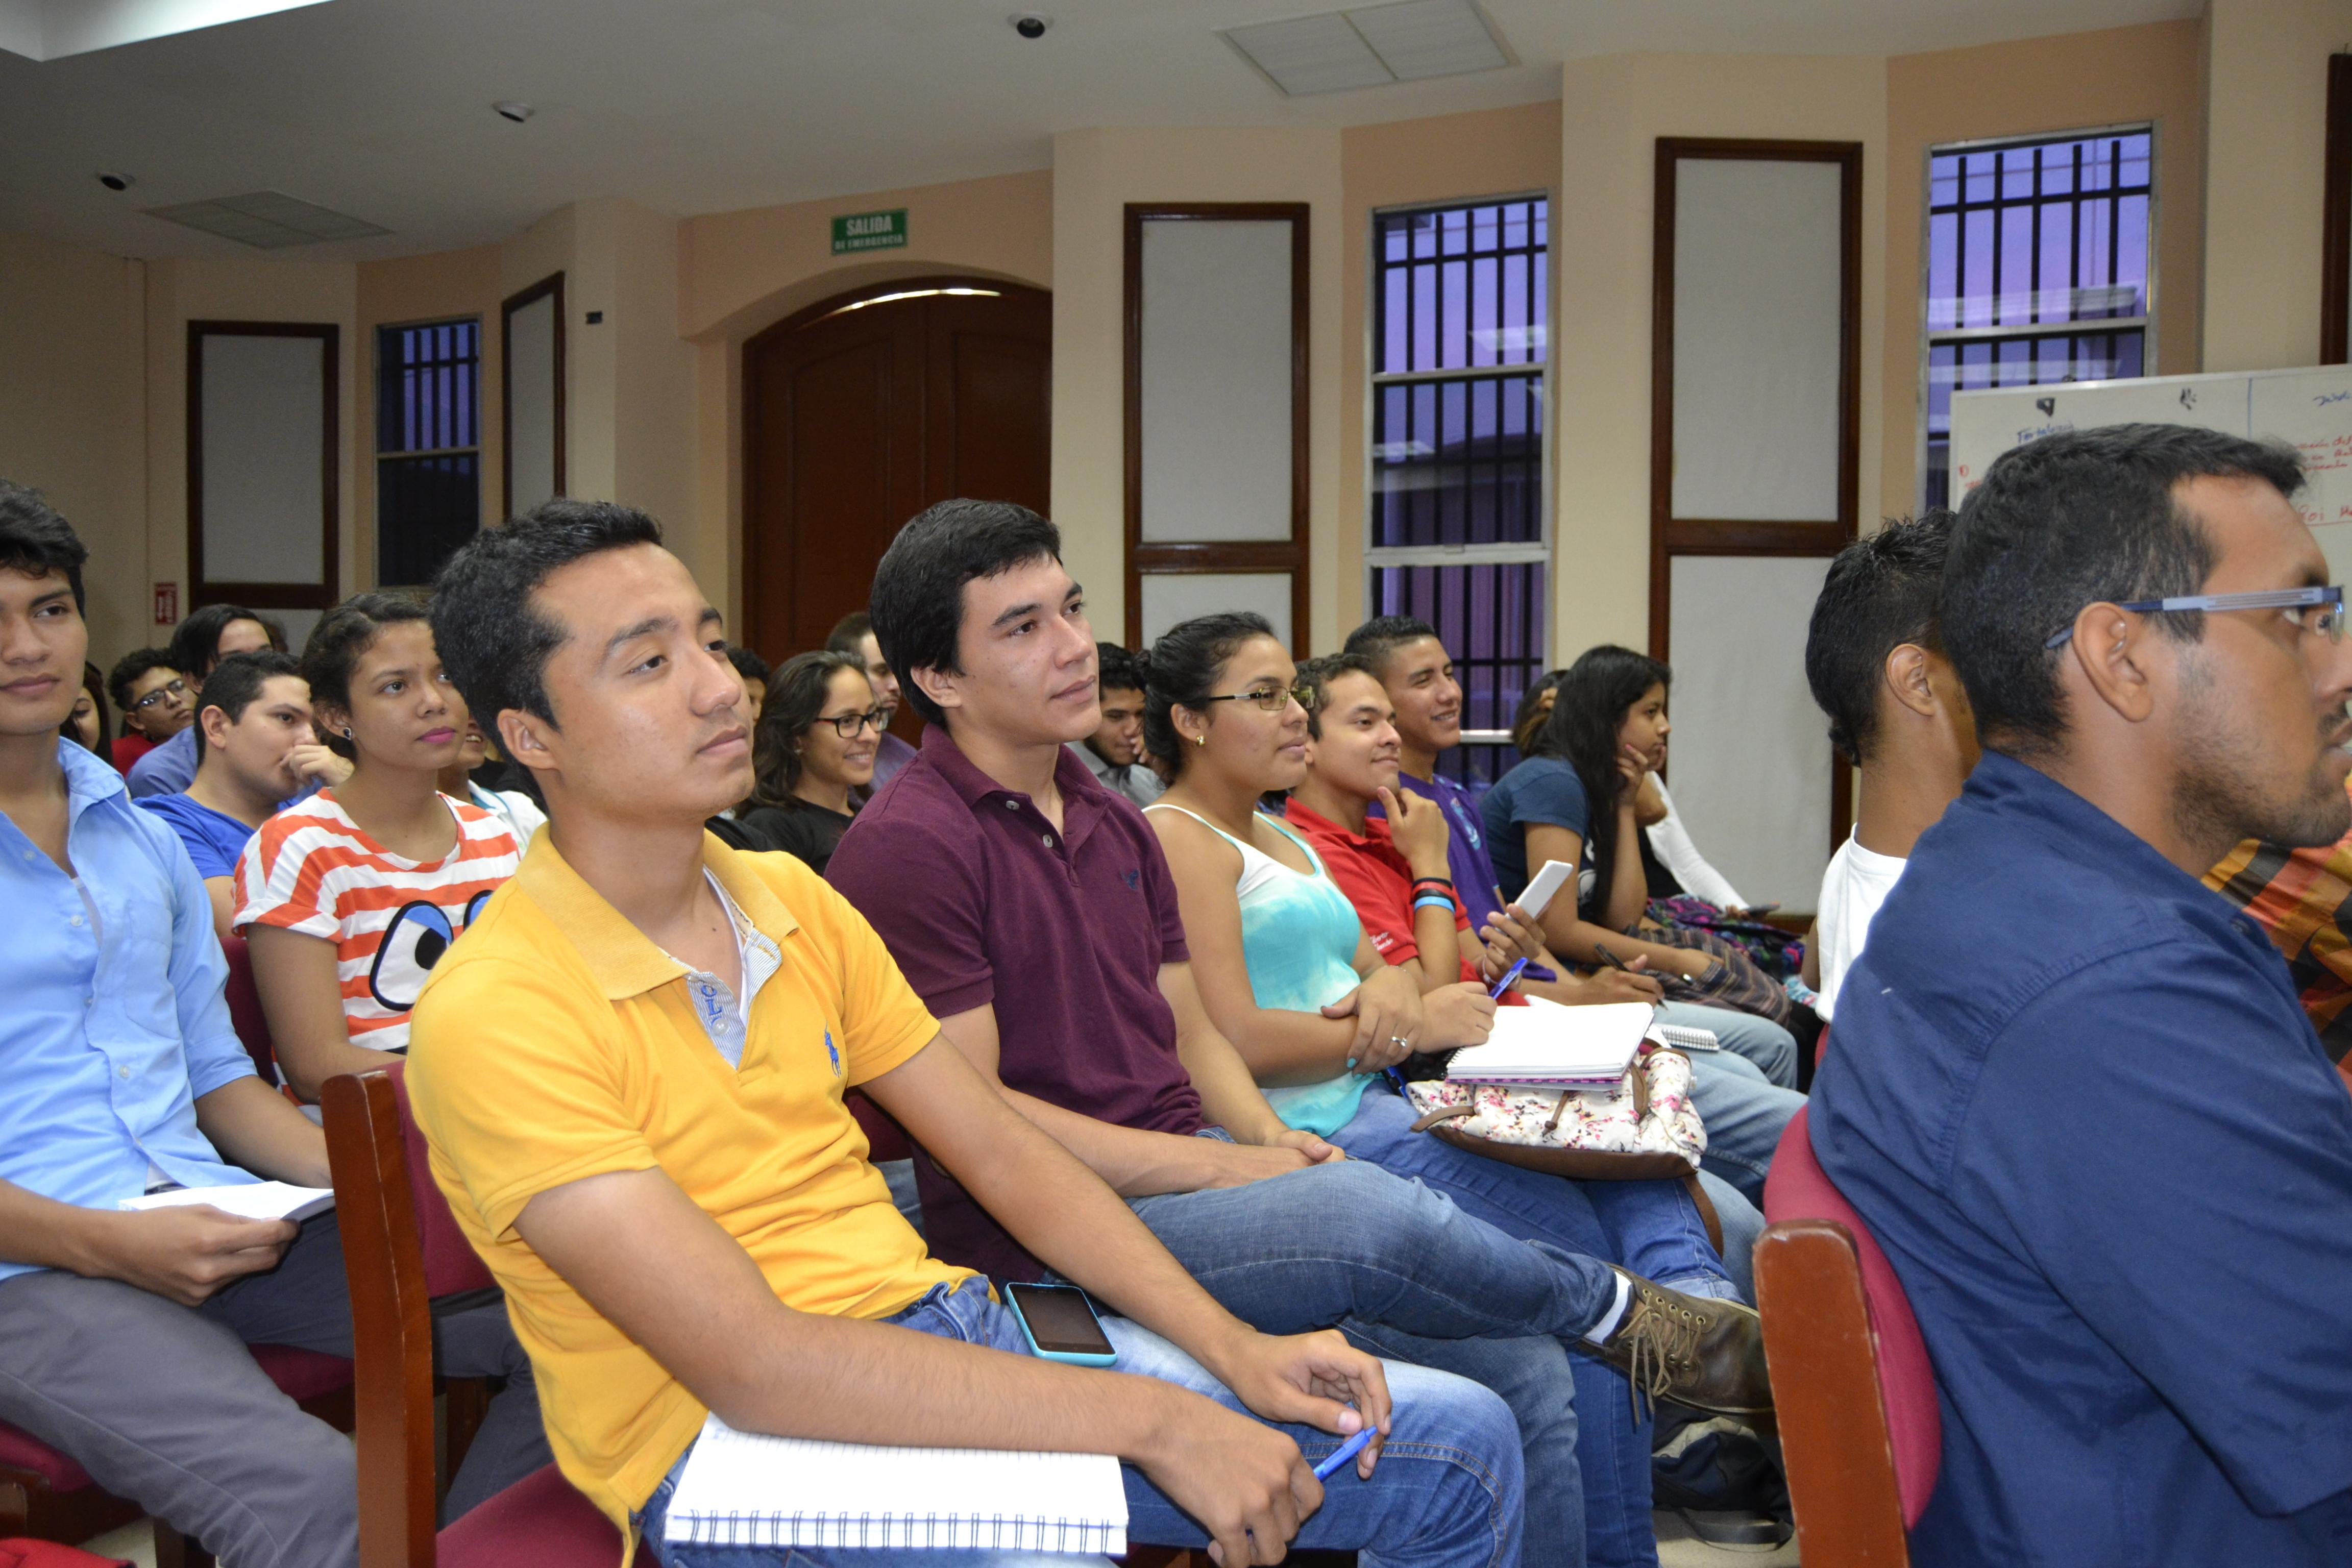 Jóvenes atentos a la ponencia a cargo de María Teresa Blandón.